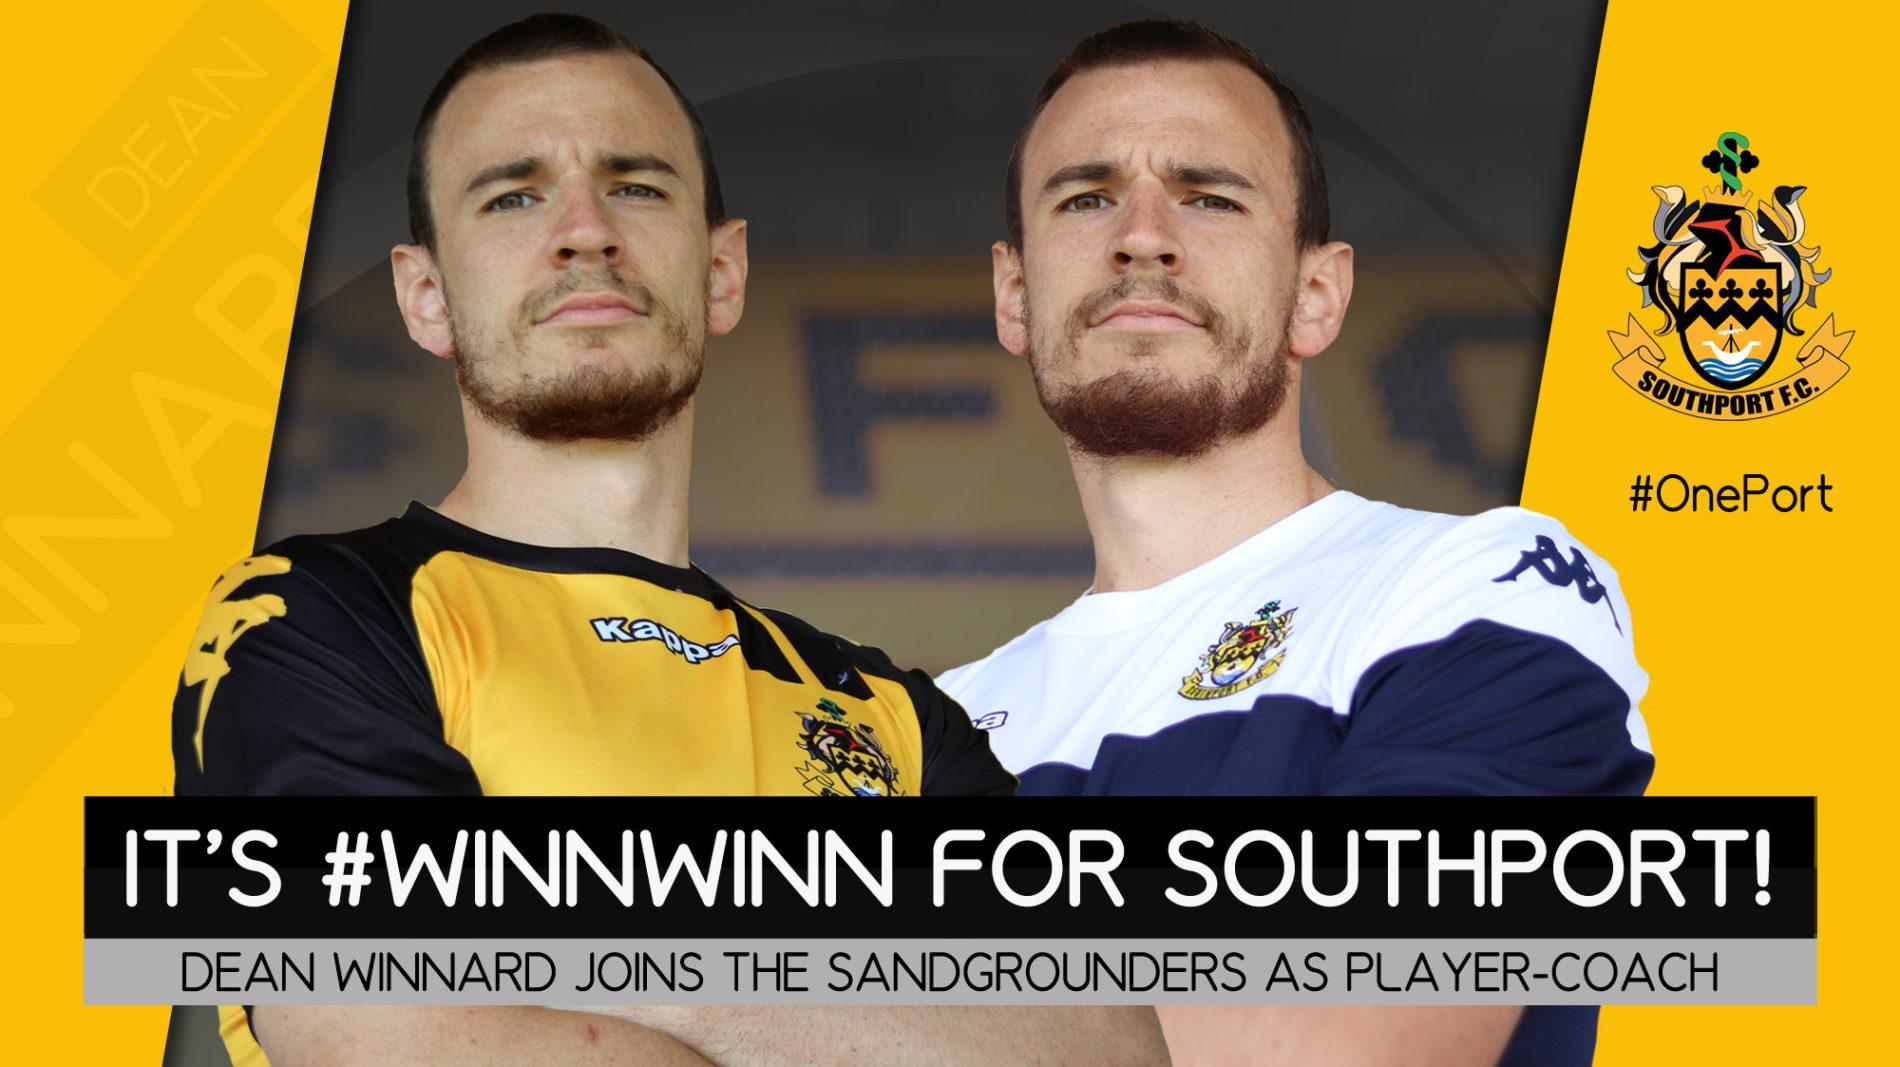 SIGNING | New Player-Coach, Dean Winnard